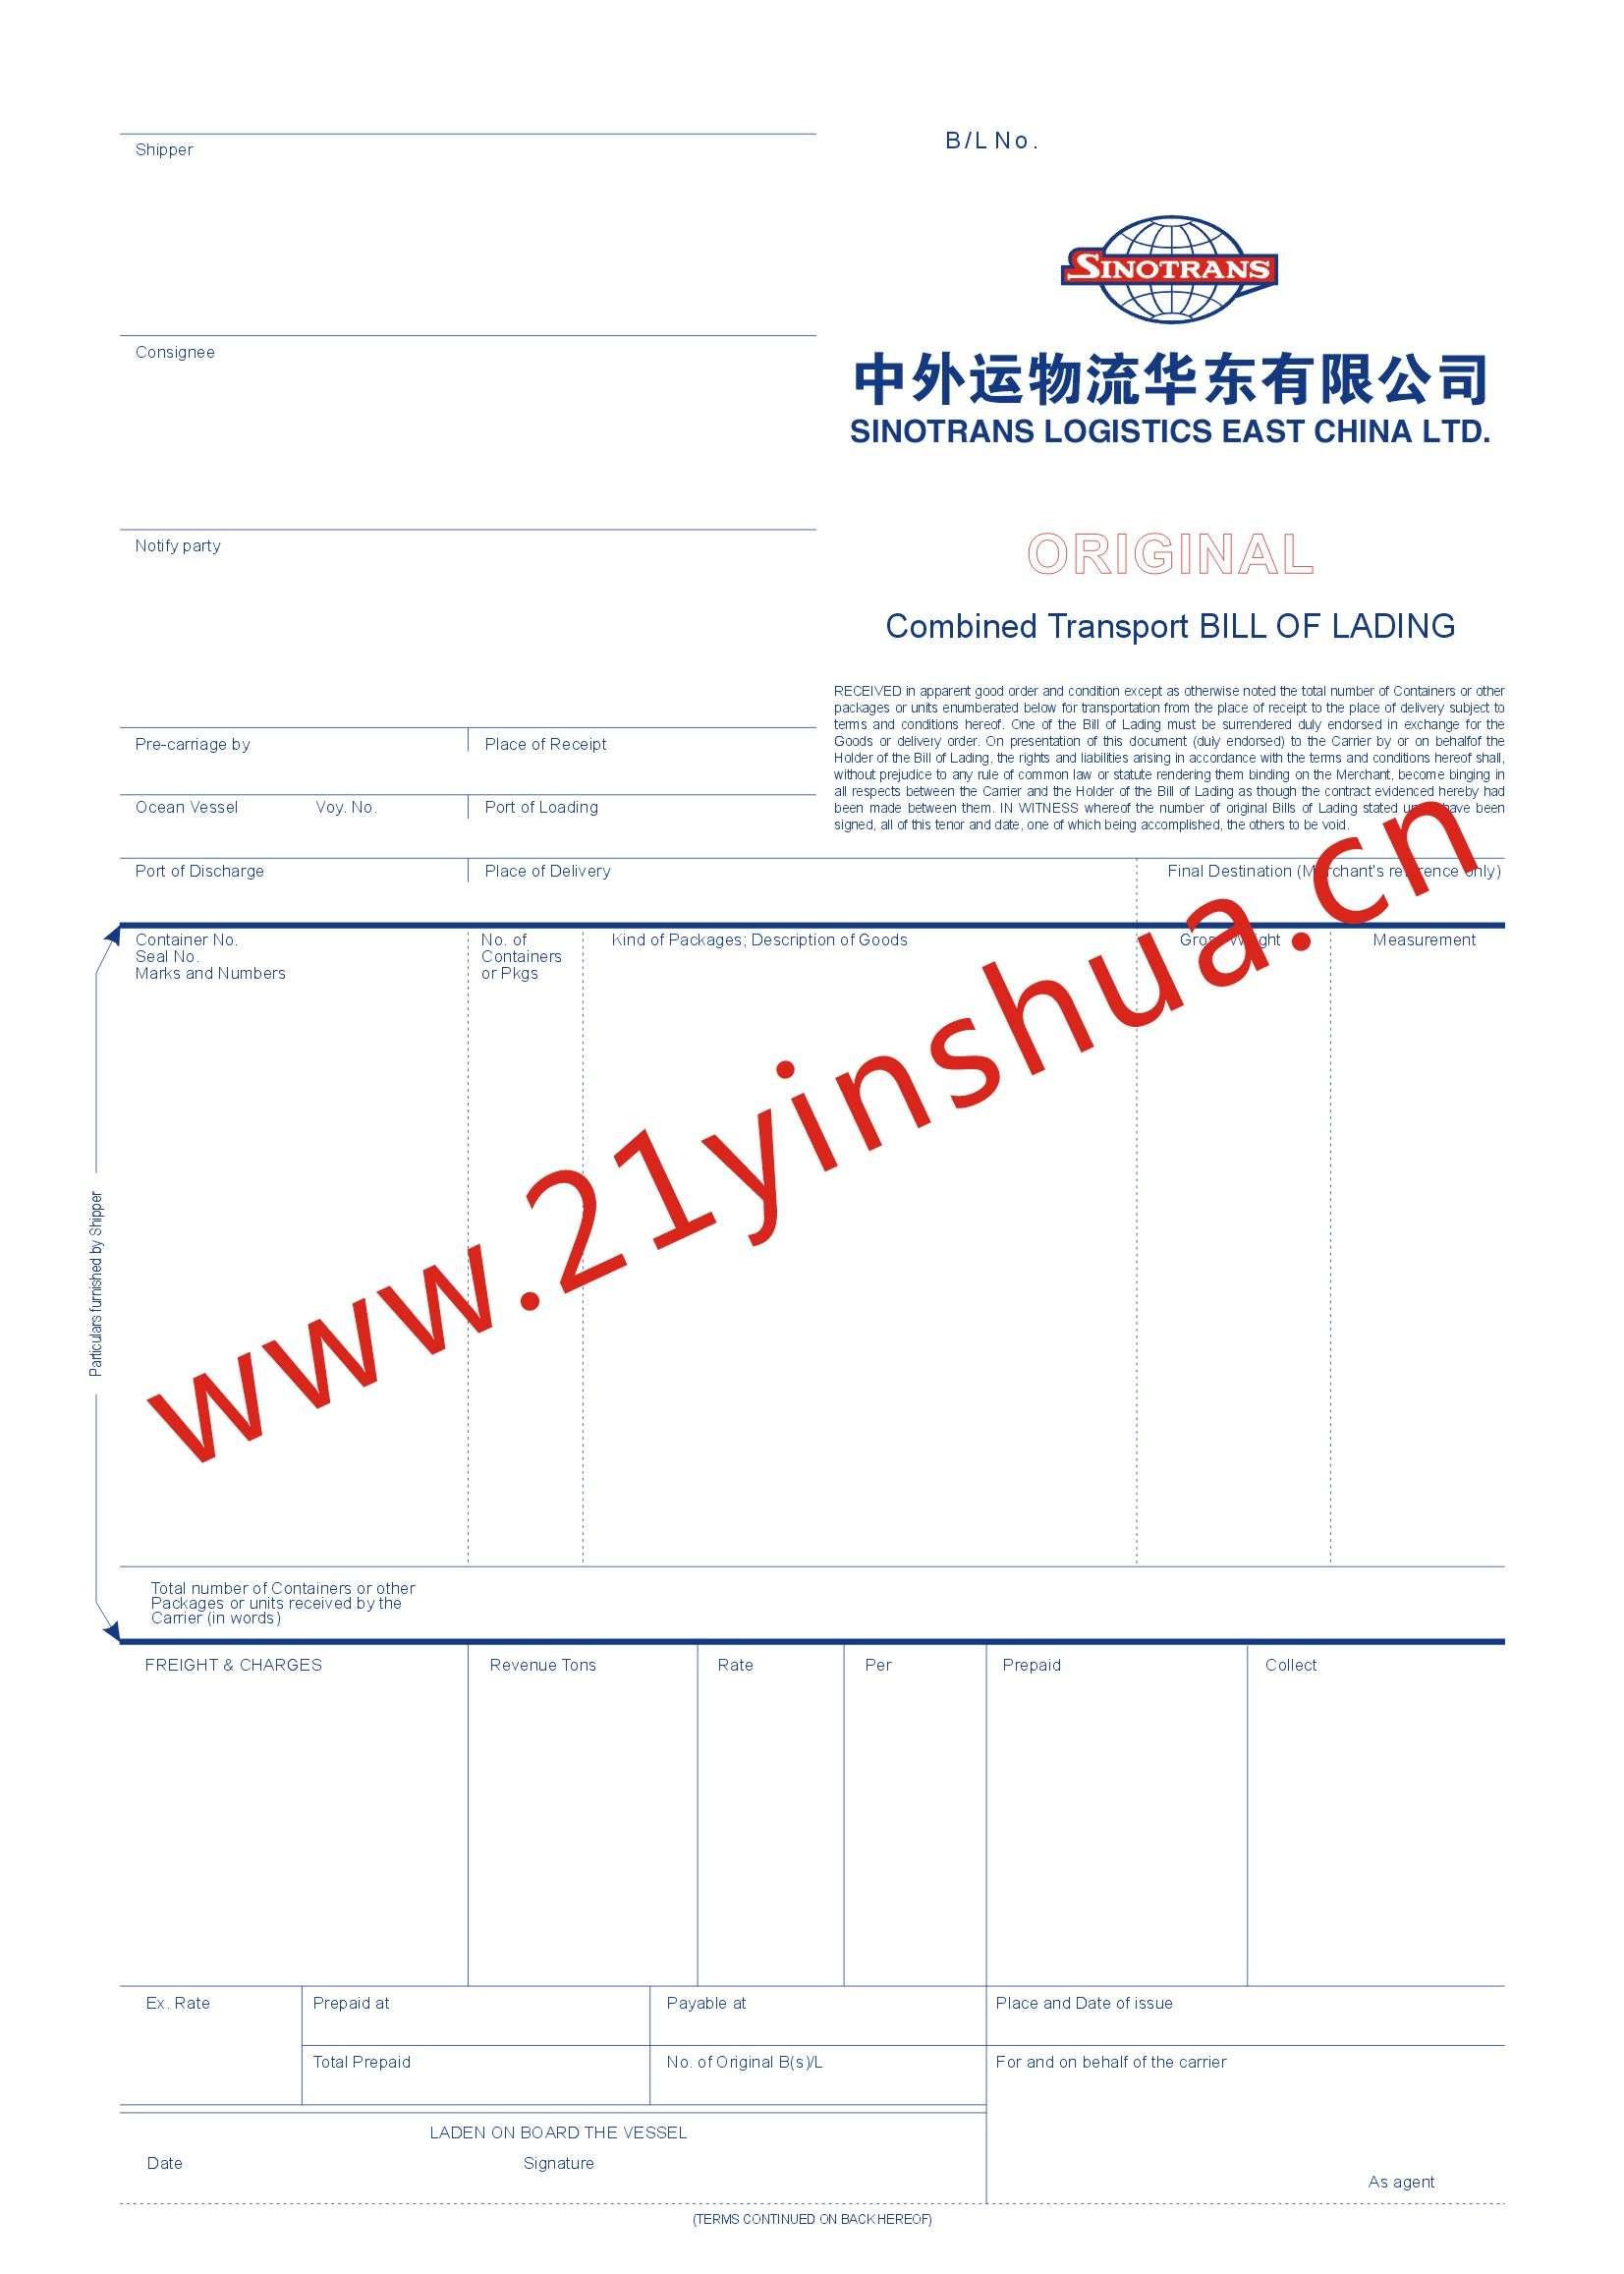 印刷定制海运提单 中外运物流华东有限公司 成功案例